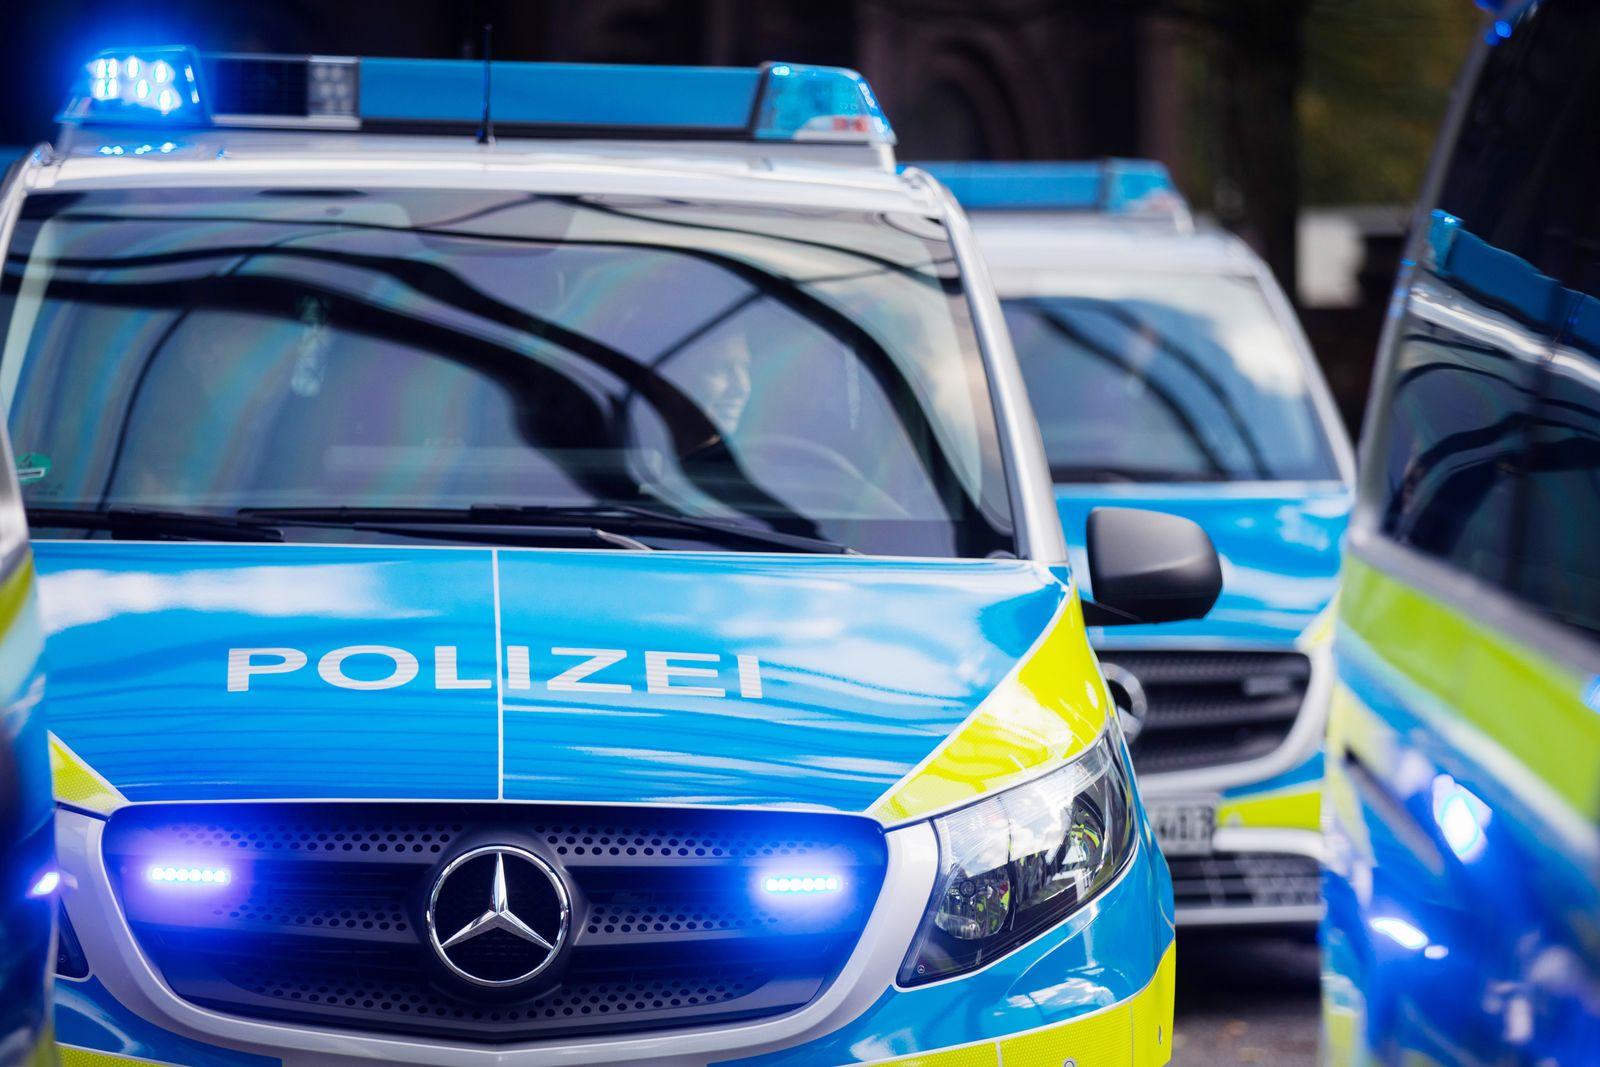 Polizei Duisburg Transporter